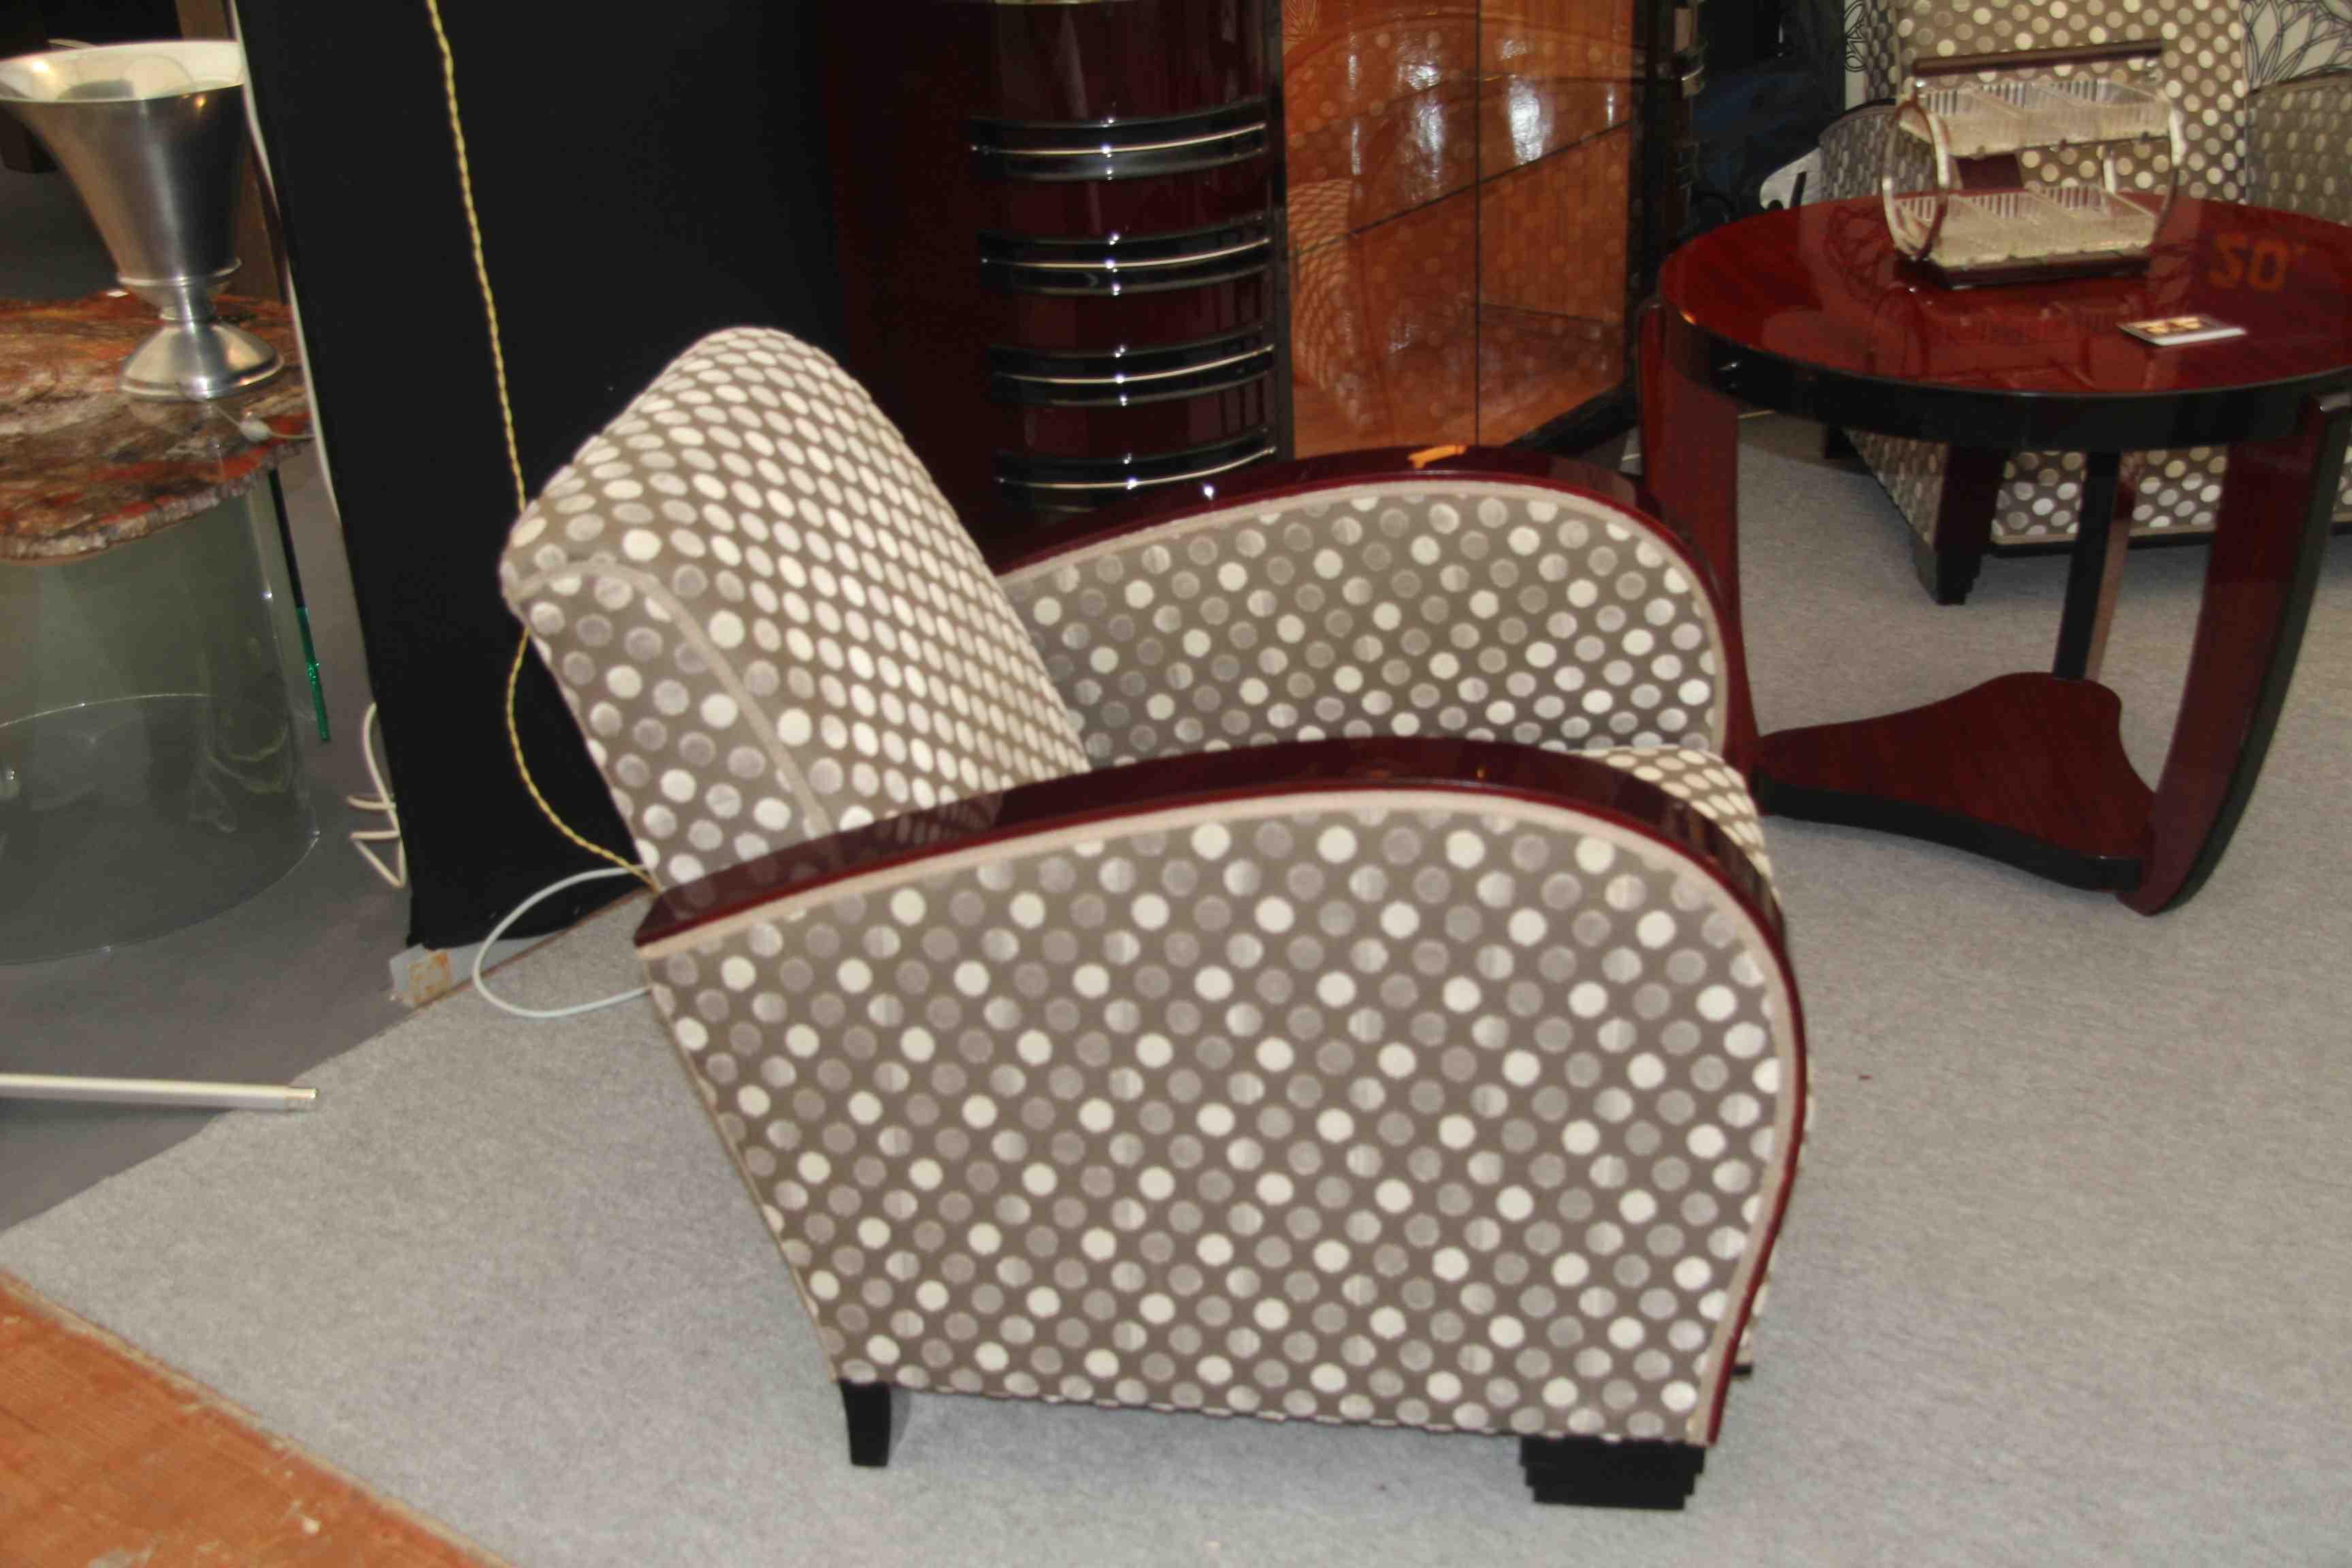 fauteuils art deco en bois clair et tapisserie de velour img_0201 img_0202 img_0205 - Fauteuil Art Deco